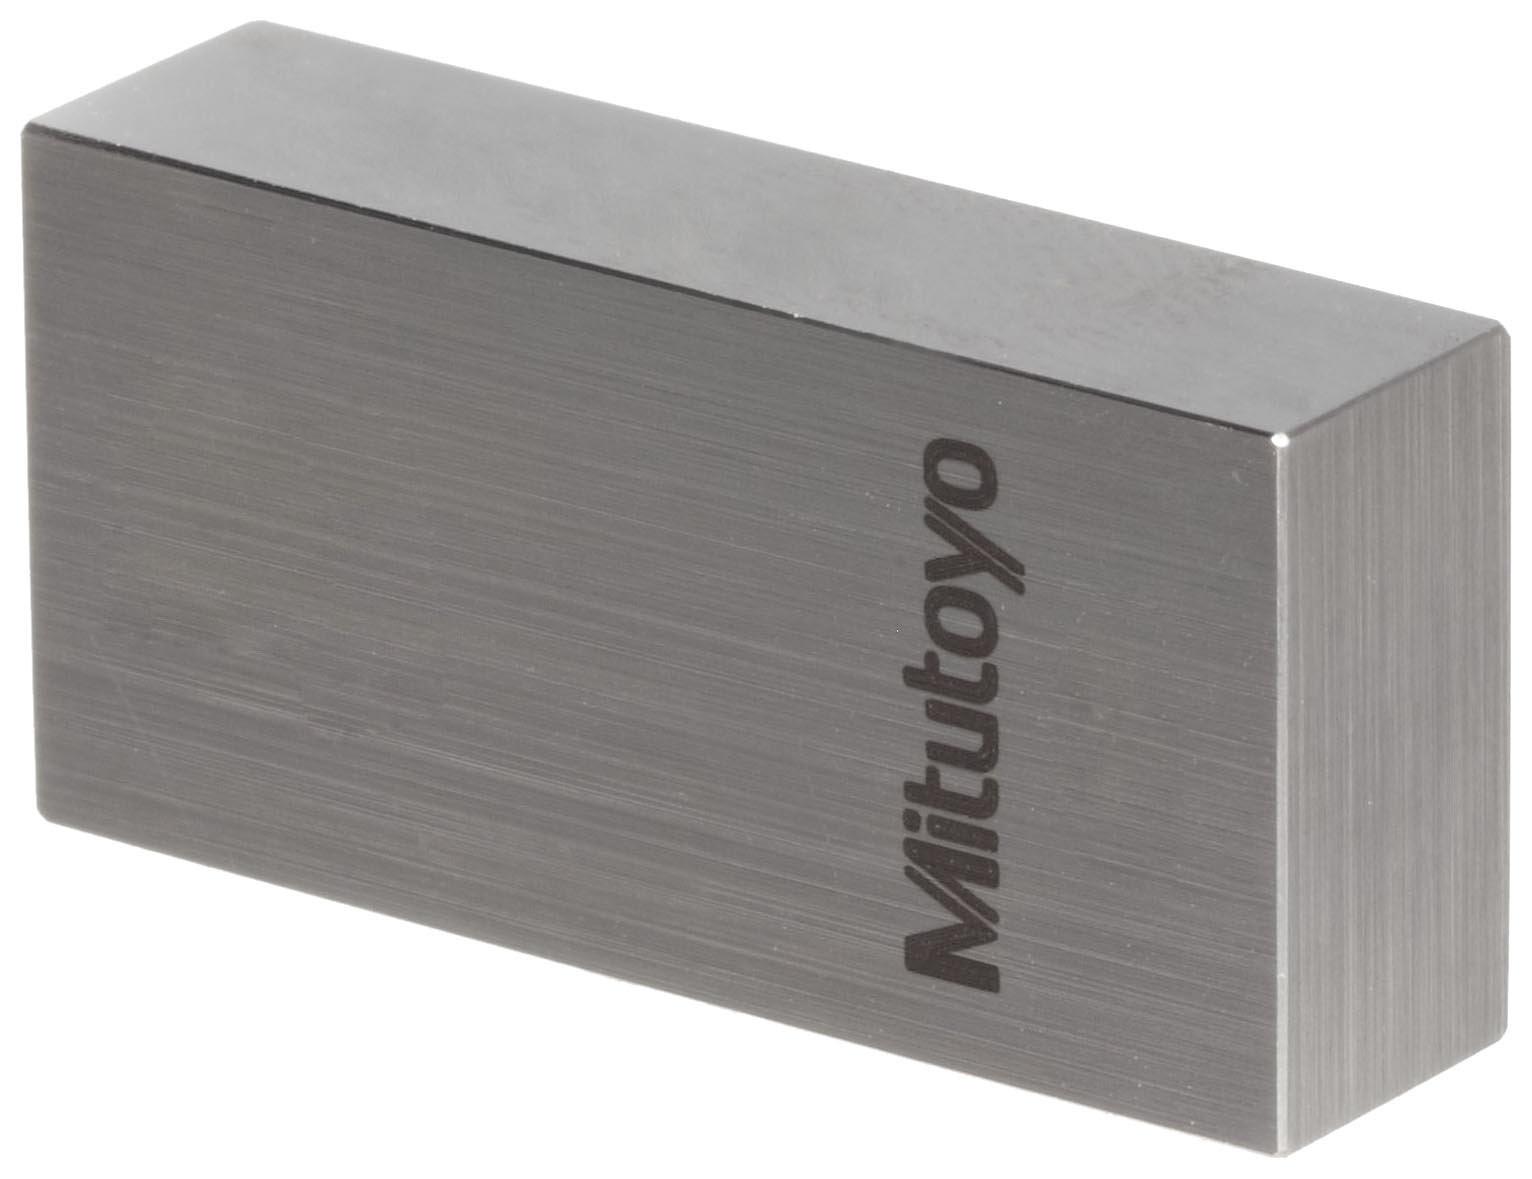 Mitutoyo Steel Rectangular Gage Block, ASME Grade 0, 0.102'' Length